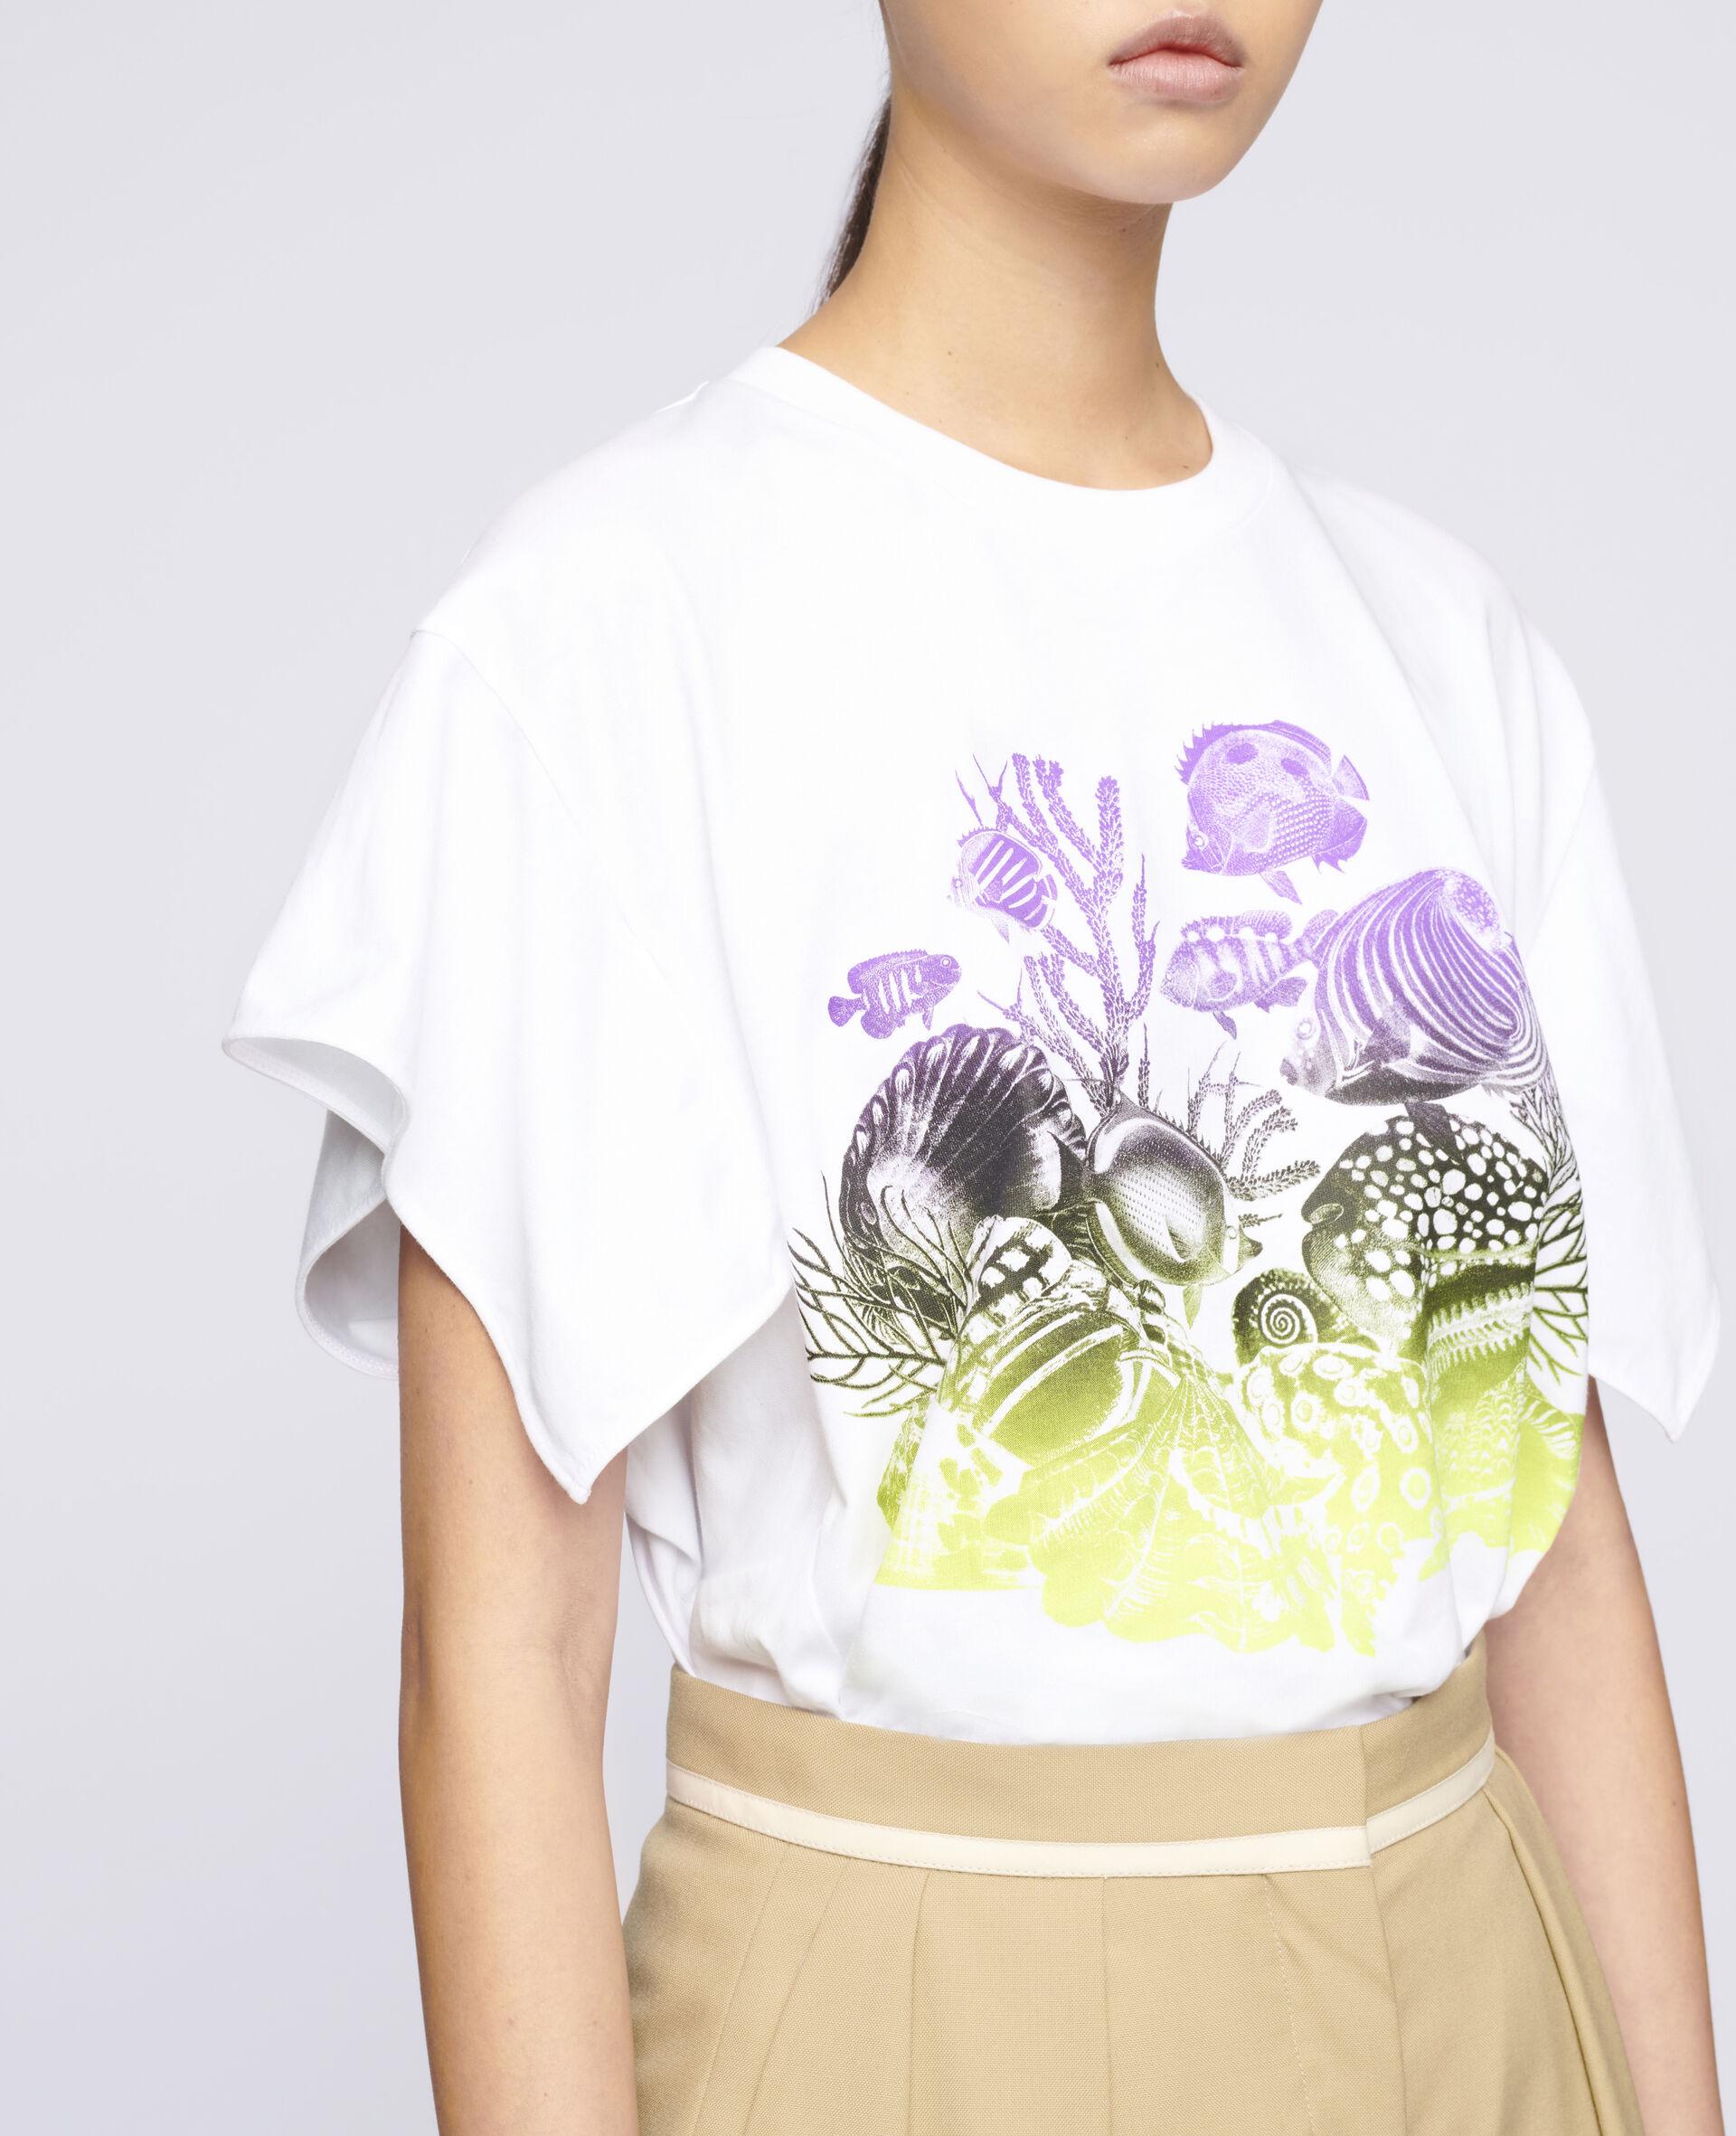 Sealife Print Cotton T-Shirt-White-large image number 3